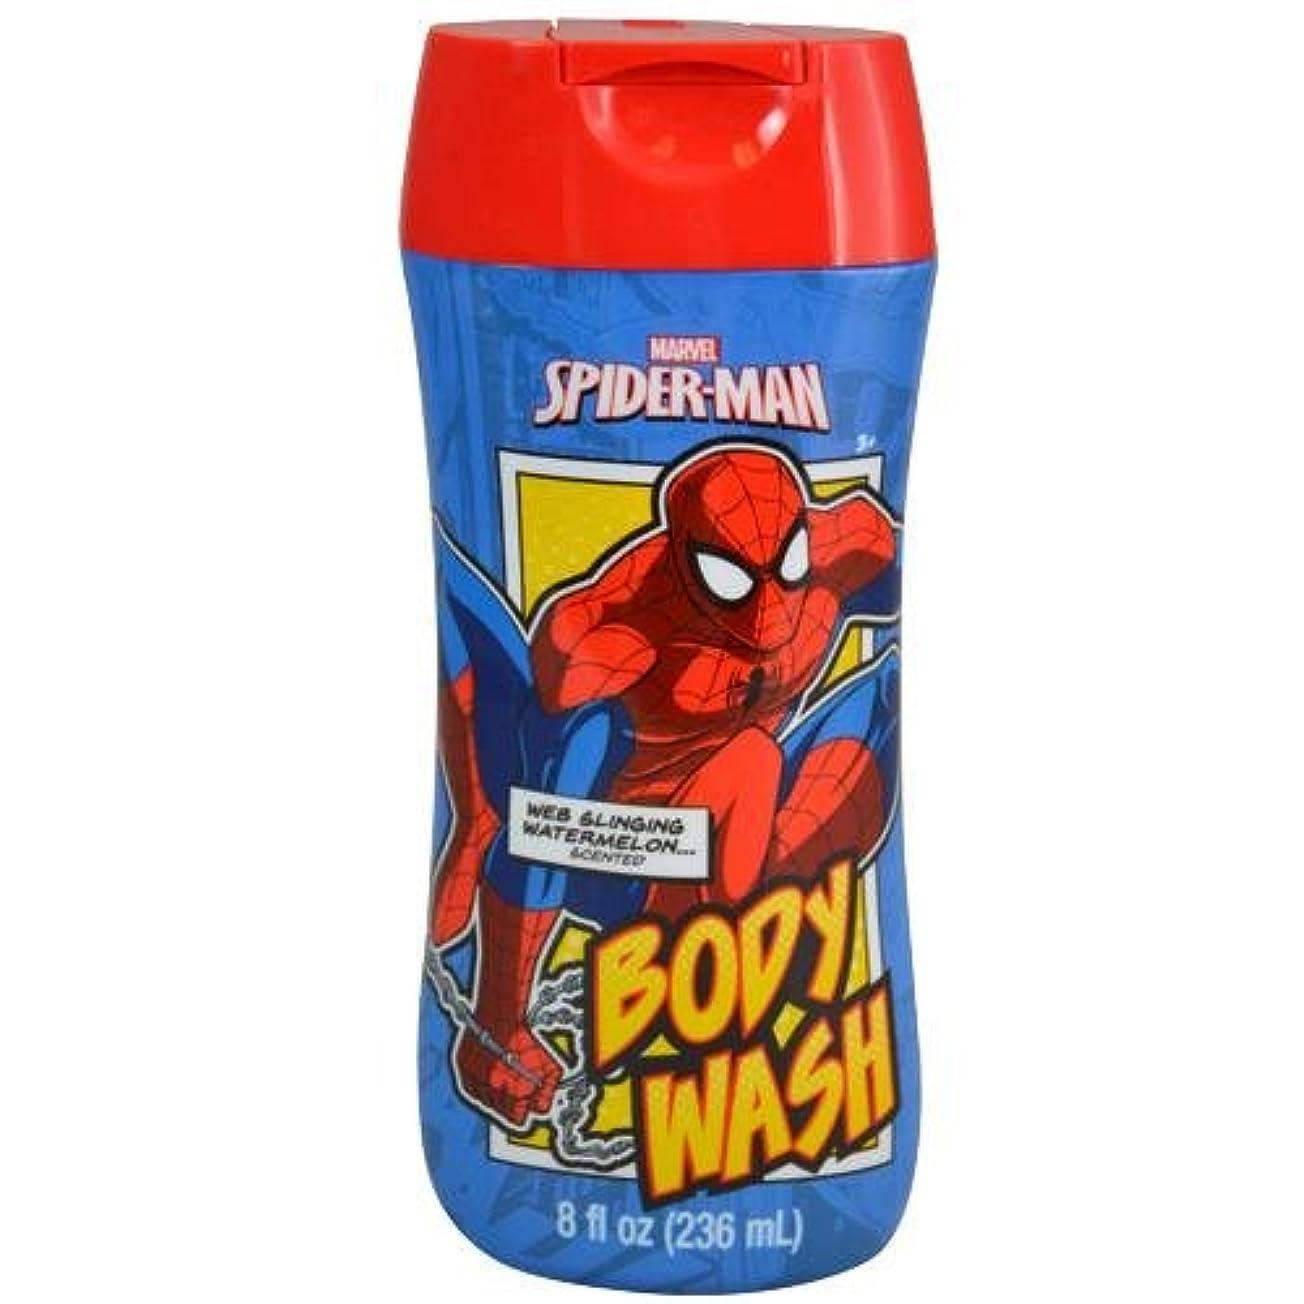 に対して不安たるみスパイダーマン SPIDER-MAN ボディーソープ 12185 MARVEL お風呂 ボディ ソープ 子供用 キッズ ボディソープ MARVEL ボディウォッシュ マーベル ボディーウォッシュ【即日?翌日発送】